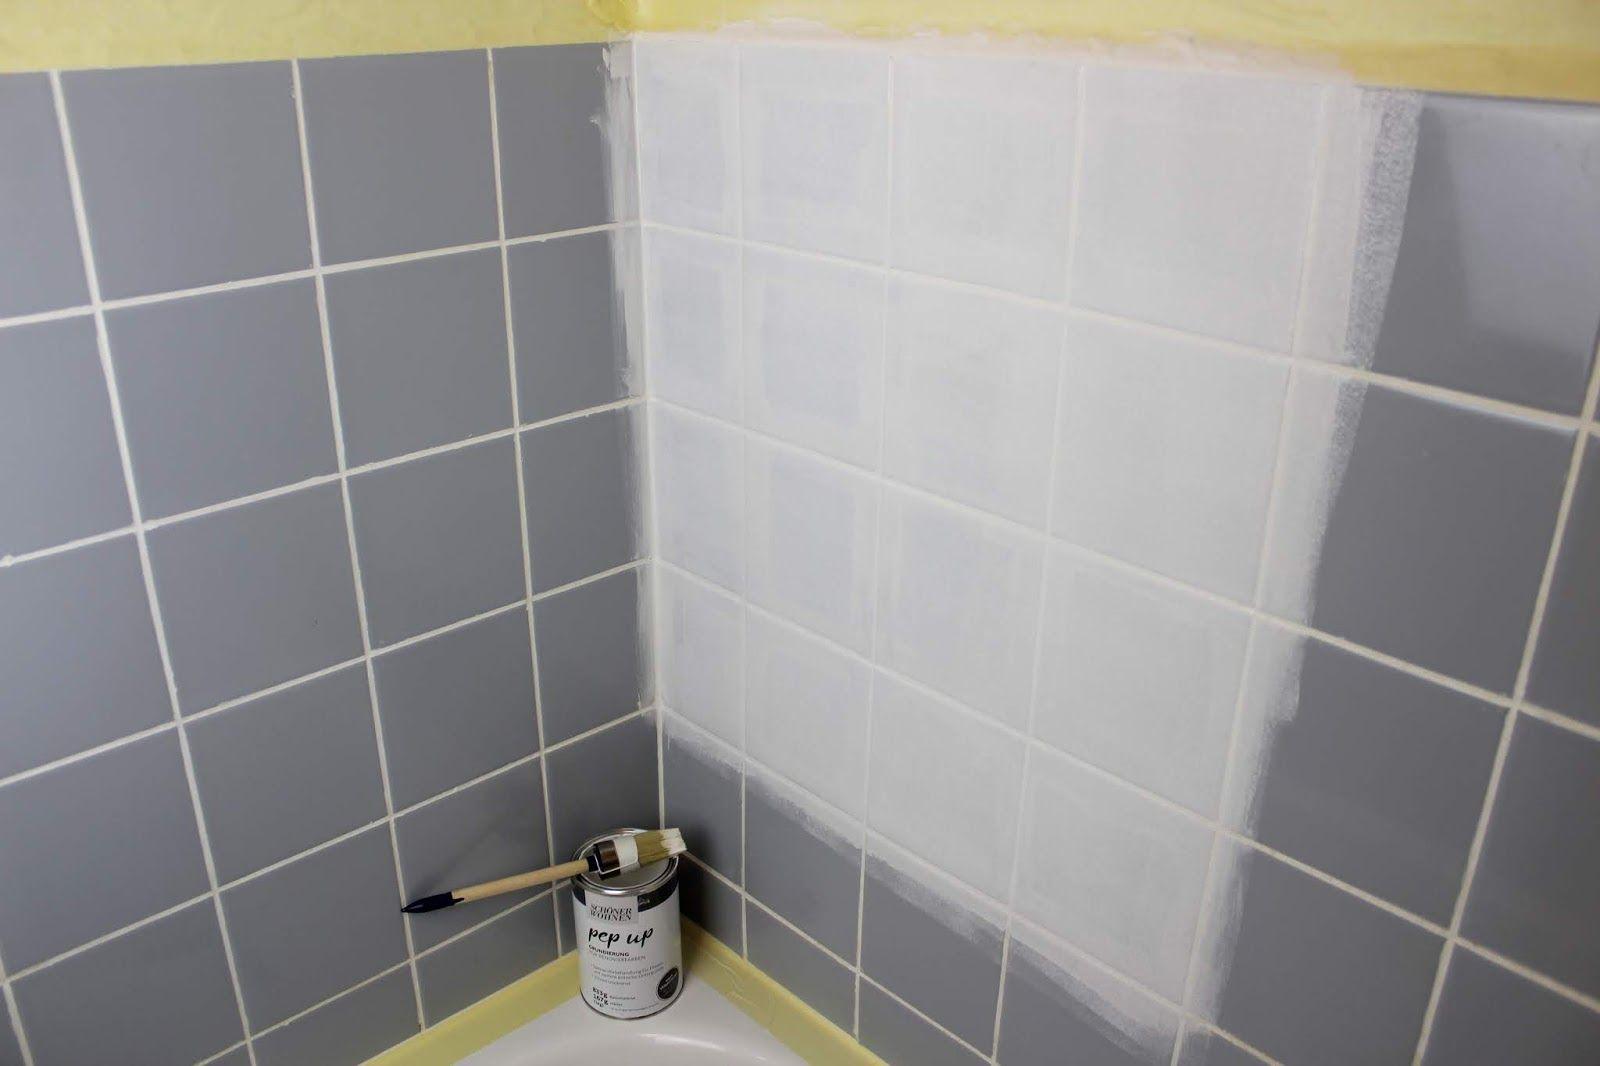 Diy Badezimmer Streichen Und Renovieren Mit Fliesenfarbe Badezimmer Streichen Schoner Wohnen Farbe Renovieren